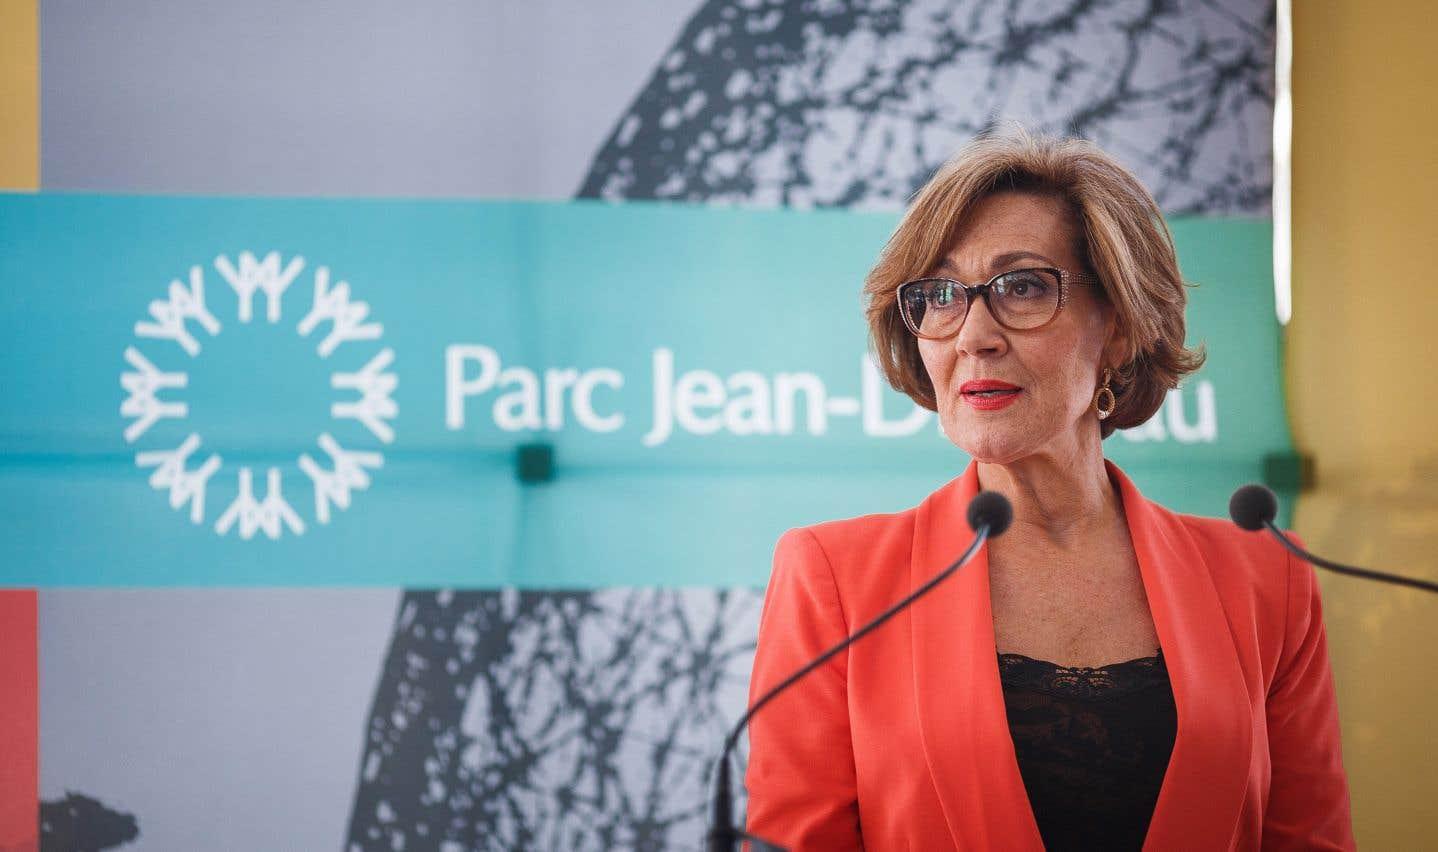 DanièleHenkel a évoqué «le sens du devoir accompli» pour justifier sa décision de ne pas solliciter un deuxième mandat à la tête du conseil d'administration de la Société du parc Jean-Drapeau.